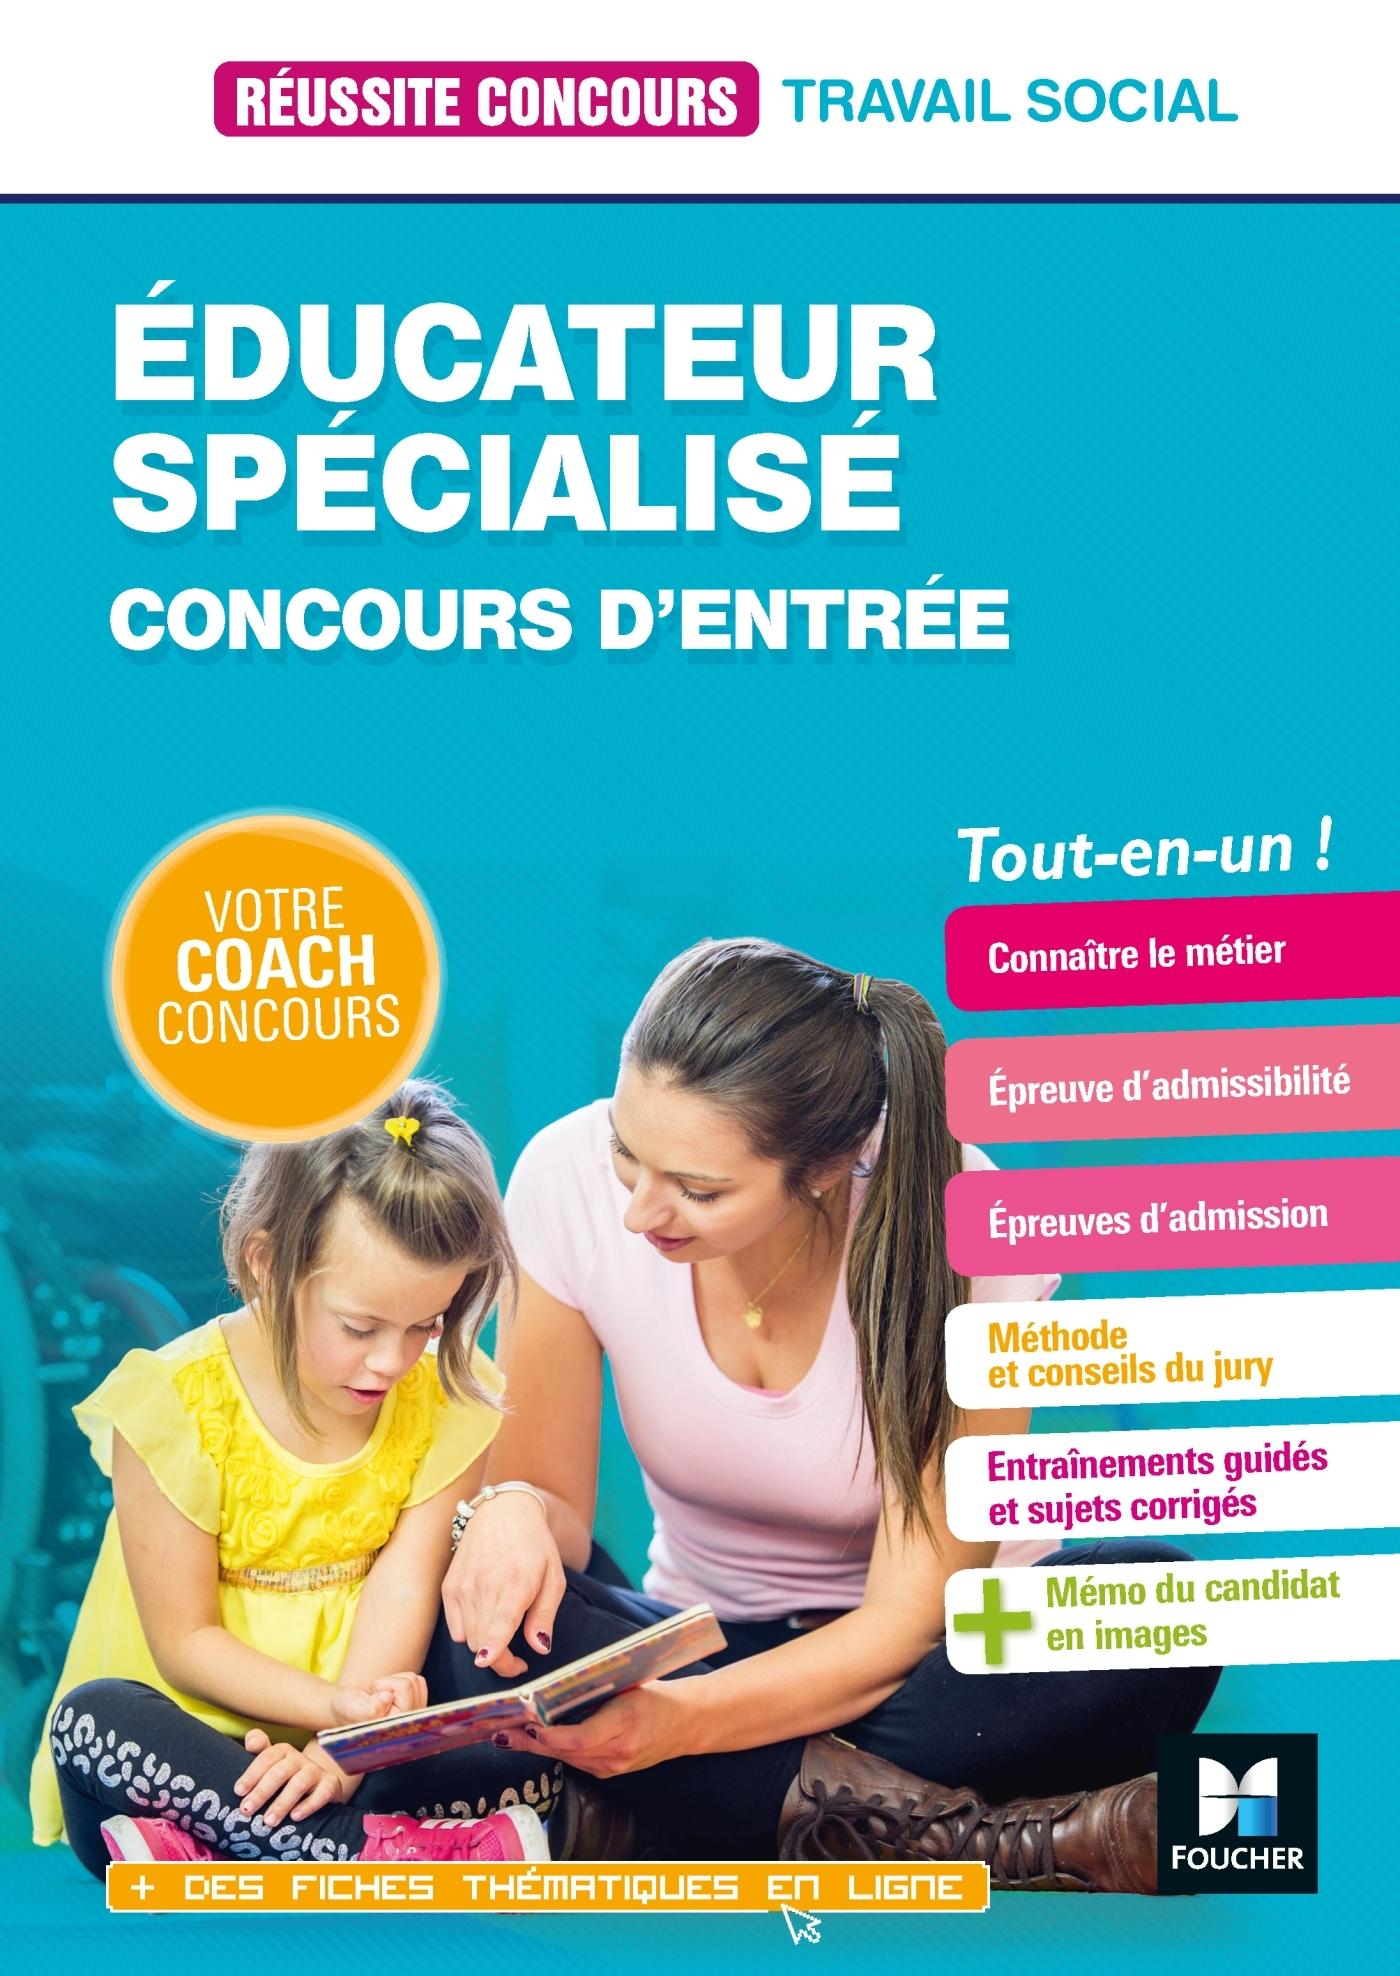 38 - REUSSITE CONCOURS EDUCATEUR SPECIALISE - ES - PREPARATION COMPLETE